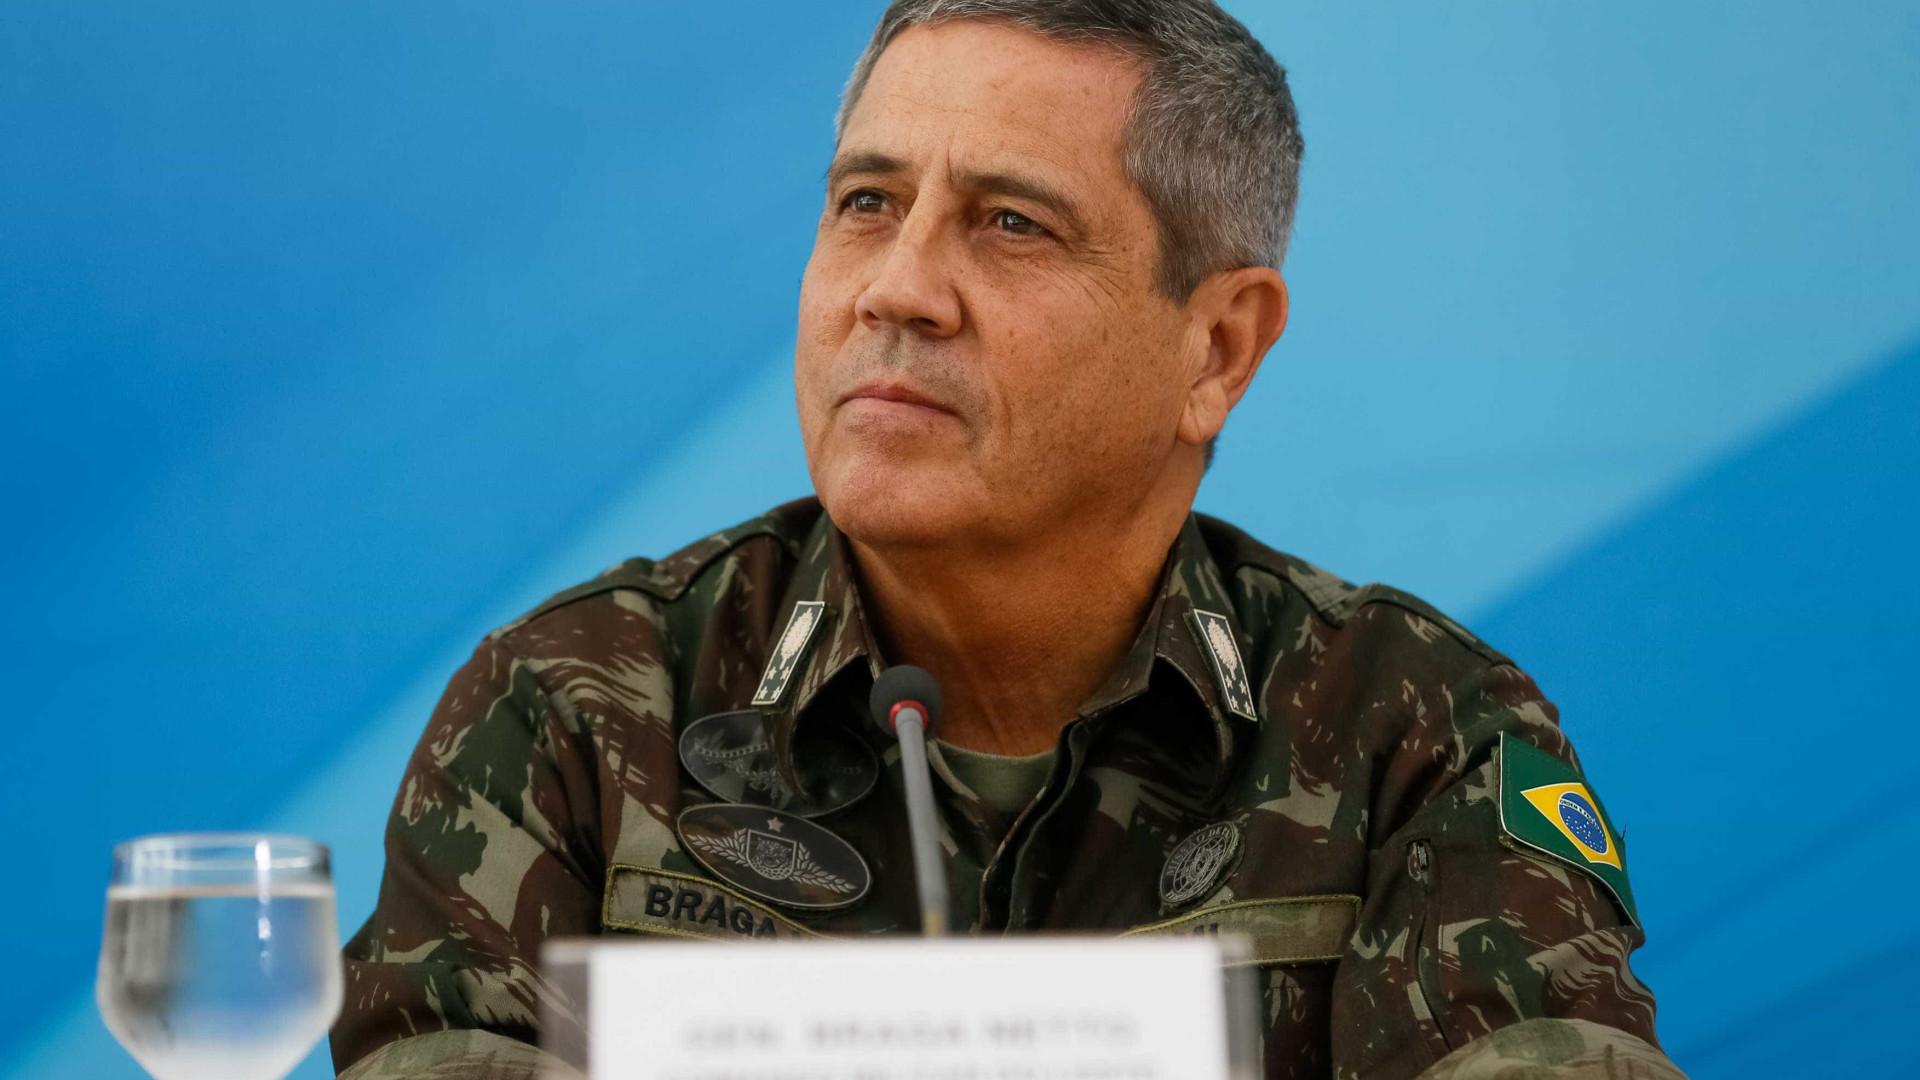 Interventor do Rio diz que 'imediatismo do brasileiro atrapalha muito'